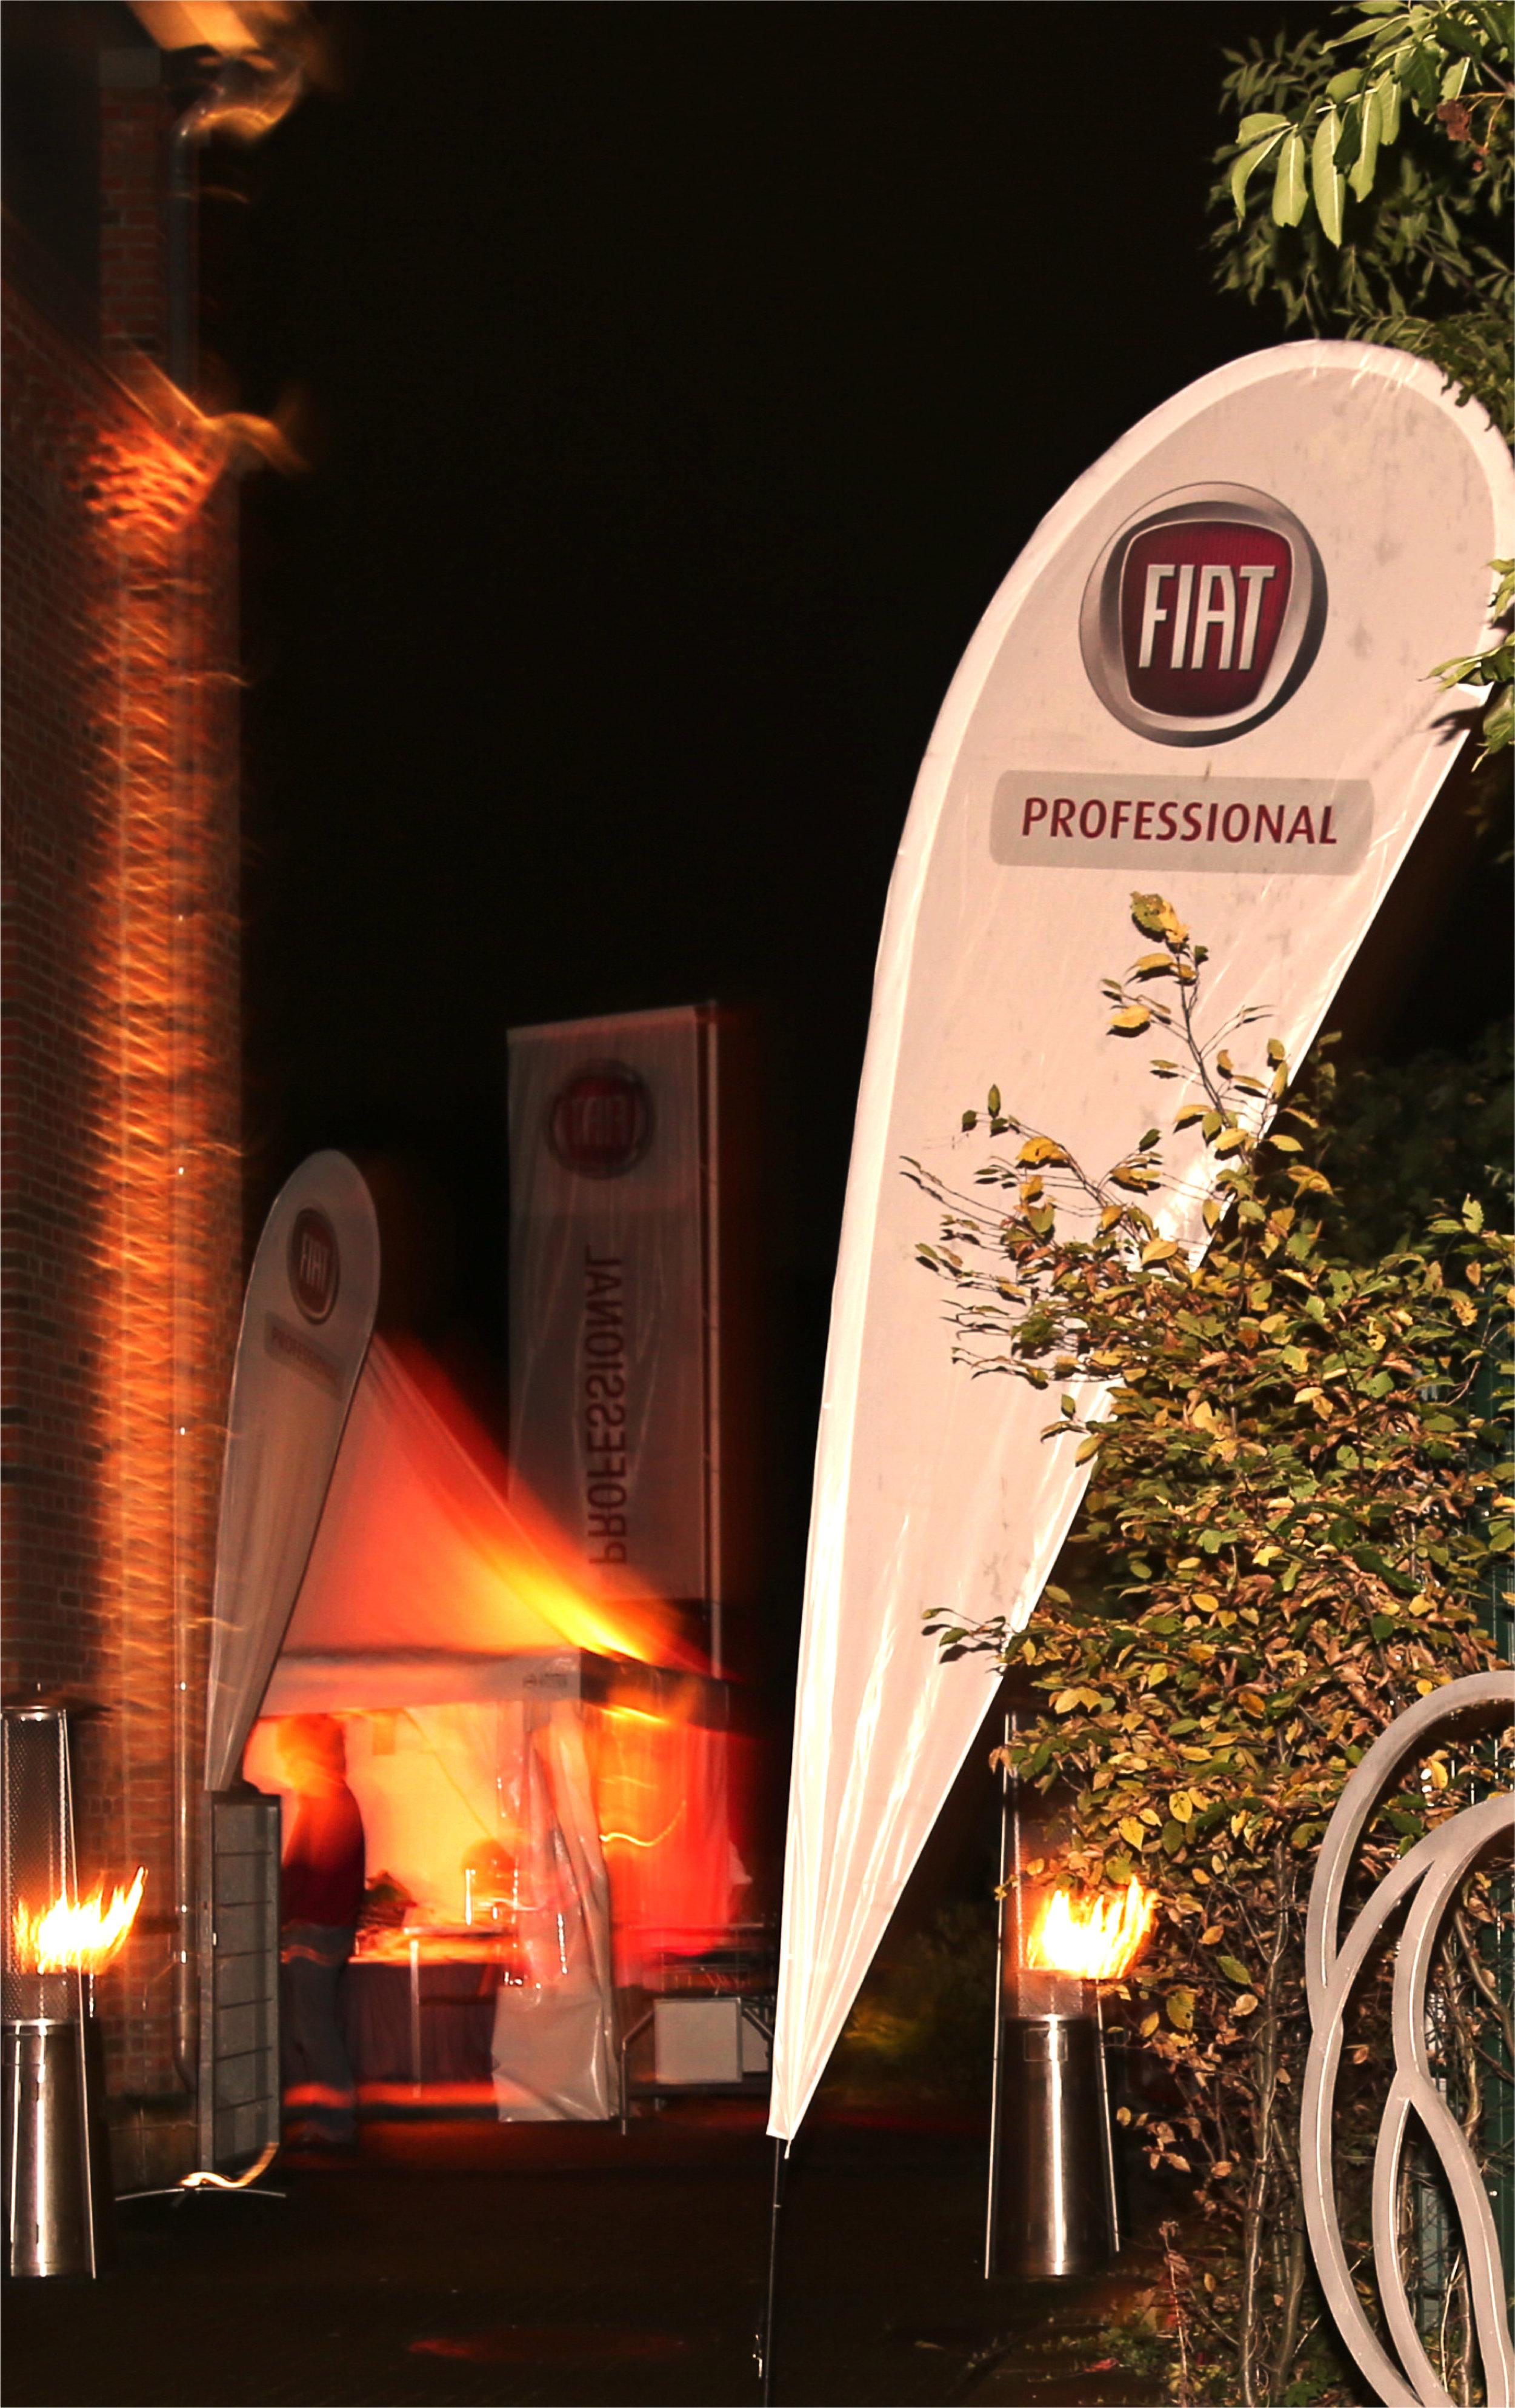 Fiat-Professionals_Jahrestreffen.jpg